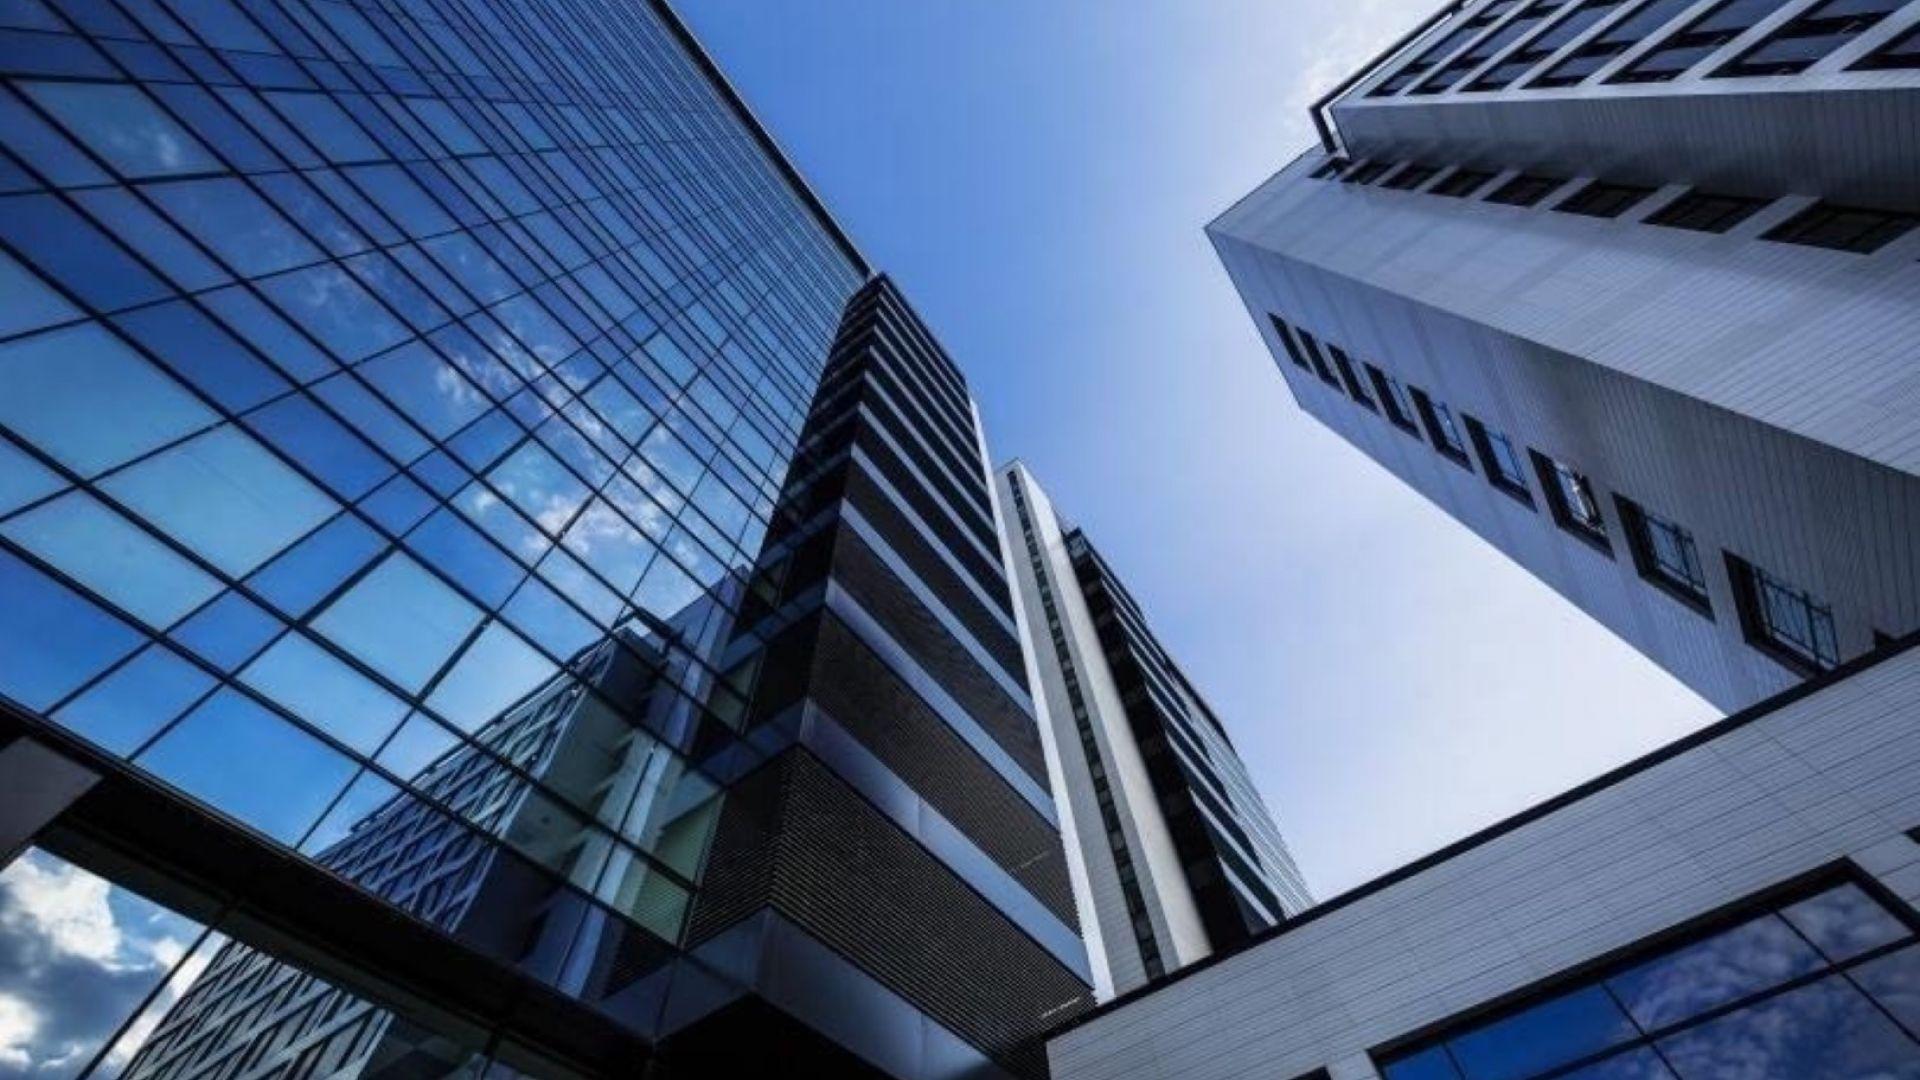 Хай Тек офис сграда намалява наемната цена, за да привлече клиенти през кризата